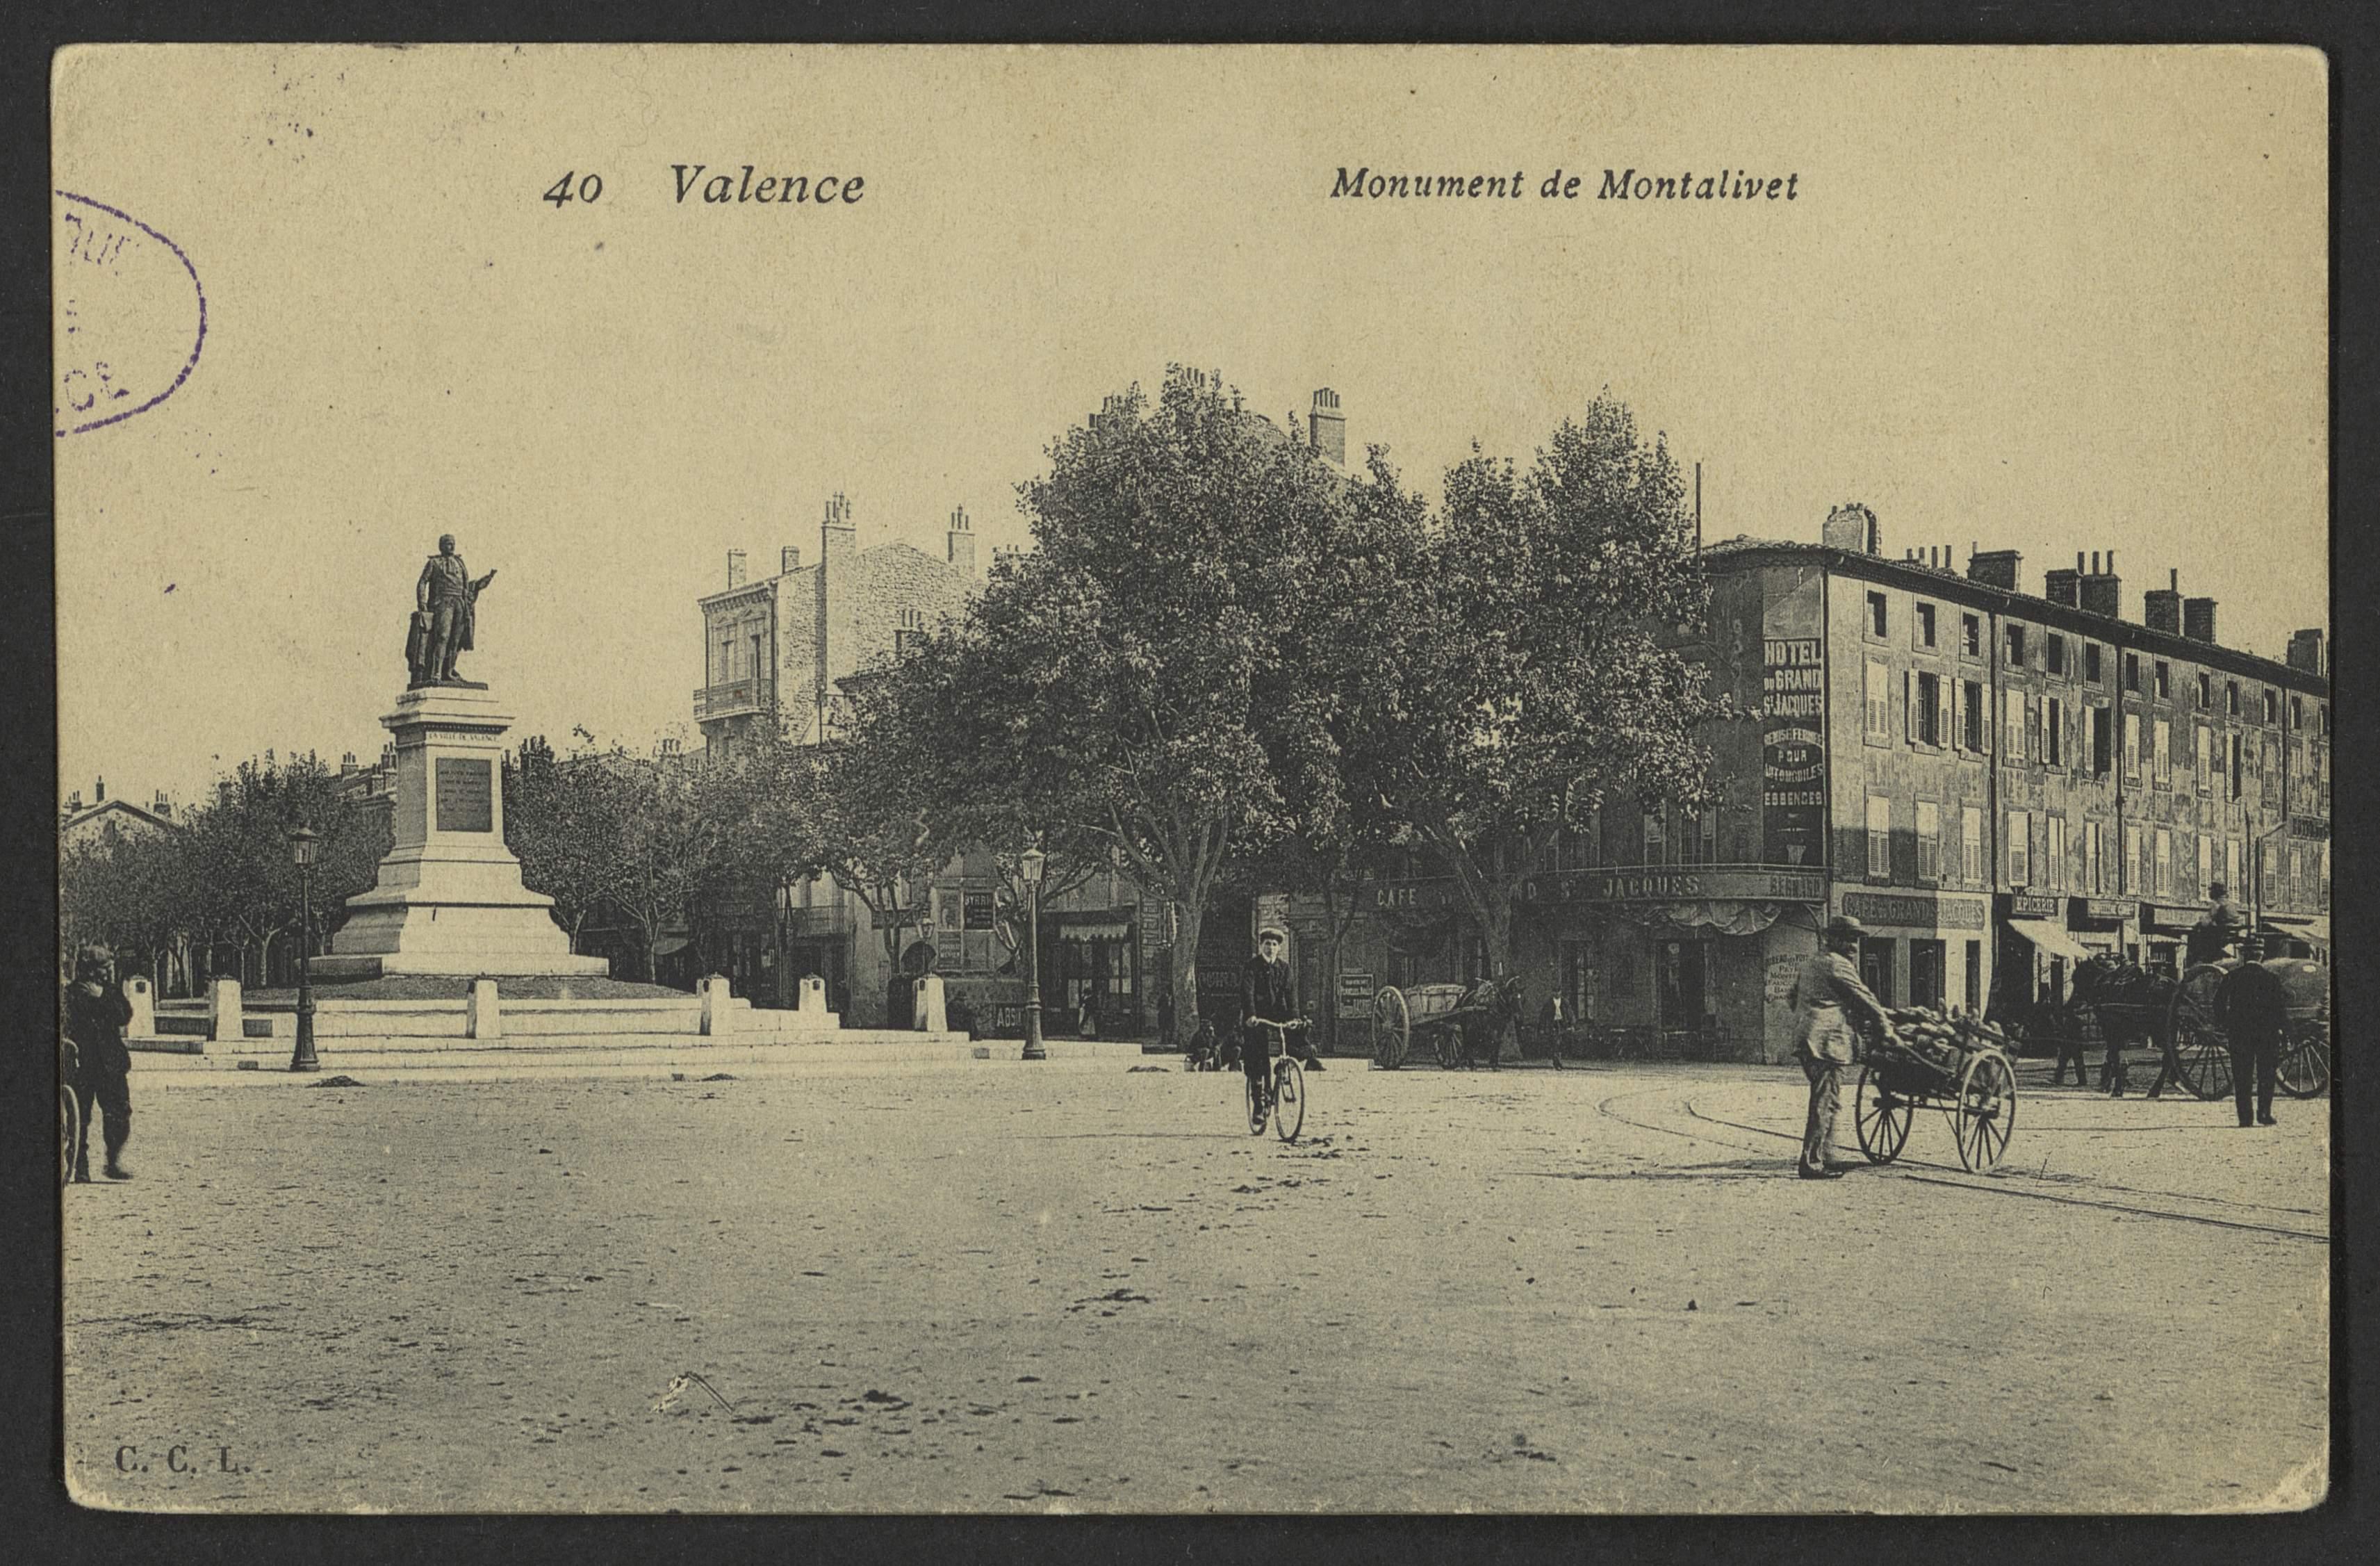 Valence - Monument de Montalivet